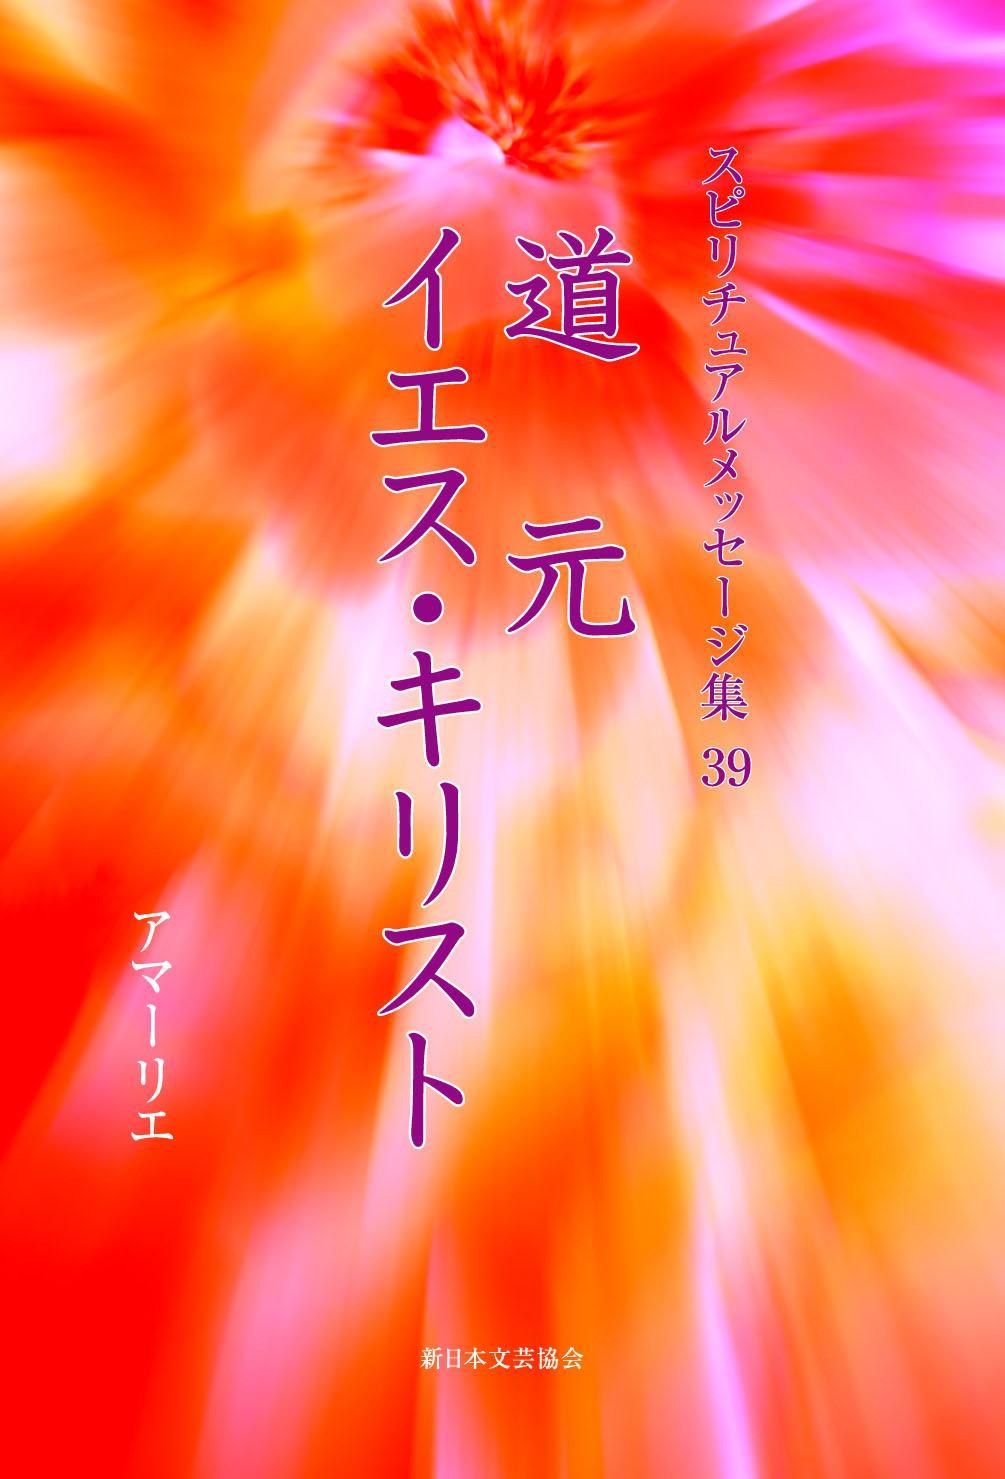 画像1: スピリチュアルメッセージ集39 道元 イエス・キリスト (1)